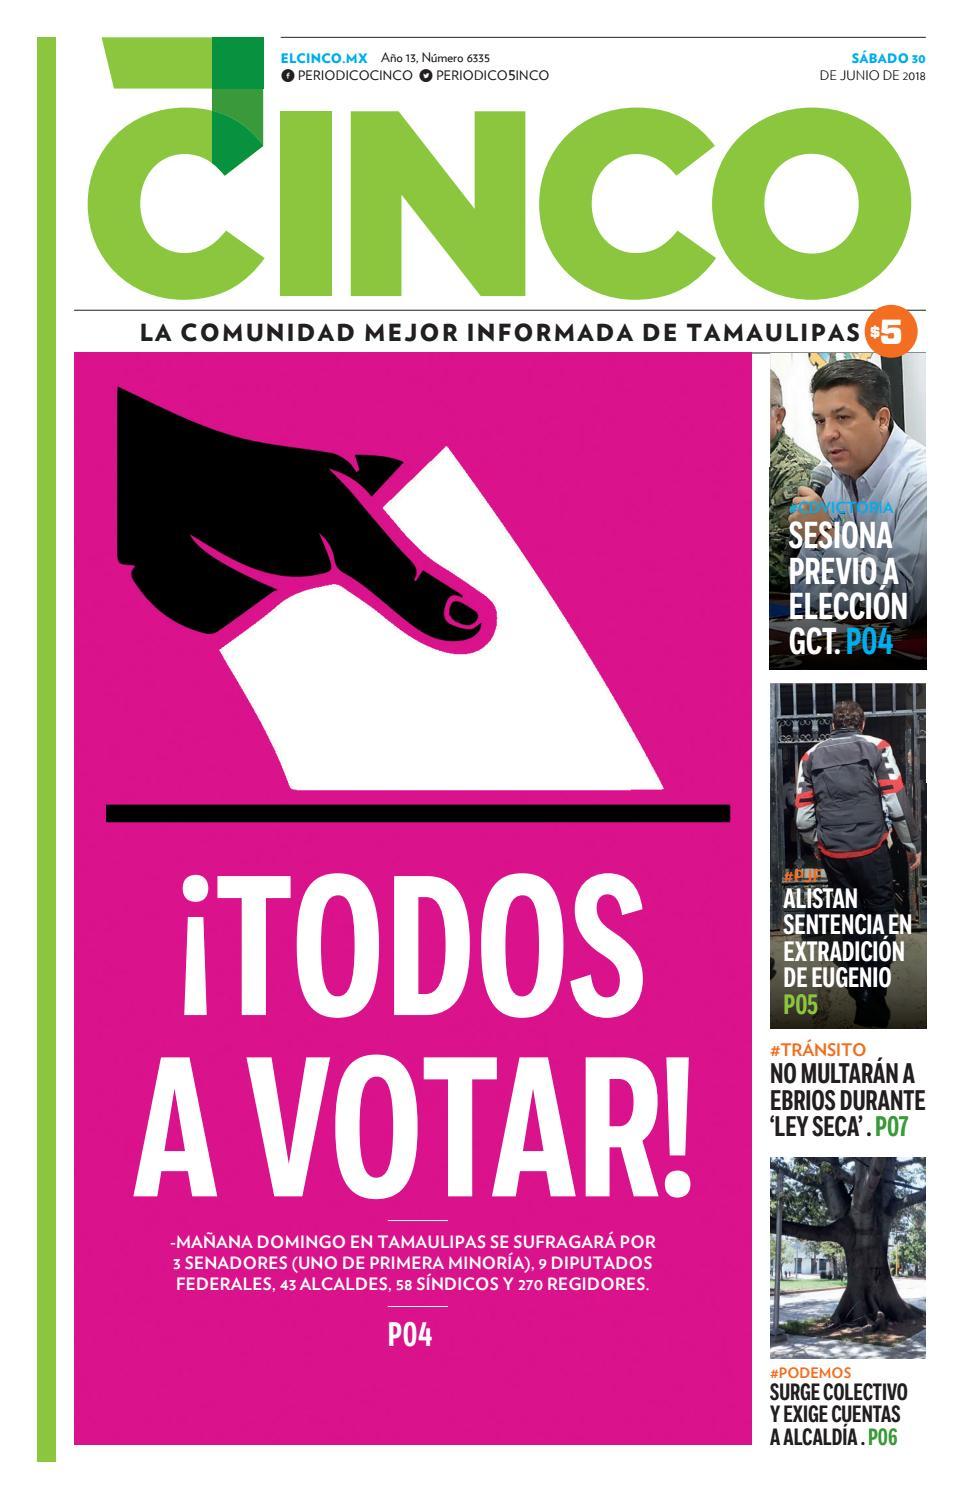 30 junio 18 by Periodico 5inco - issuu